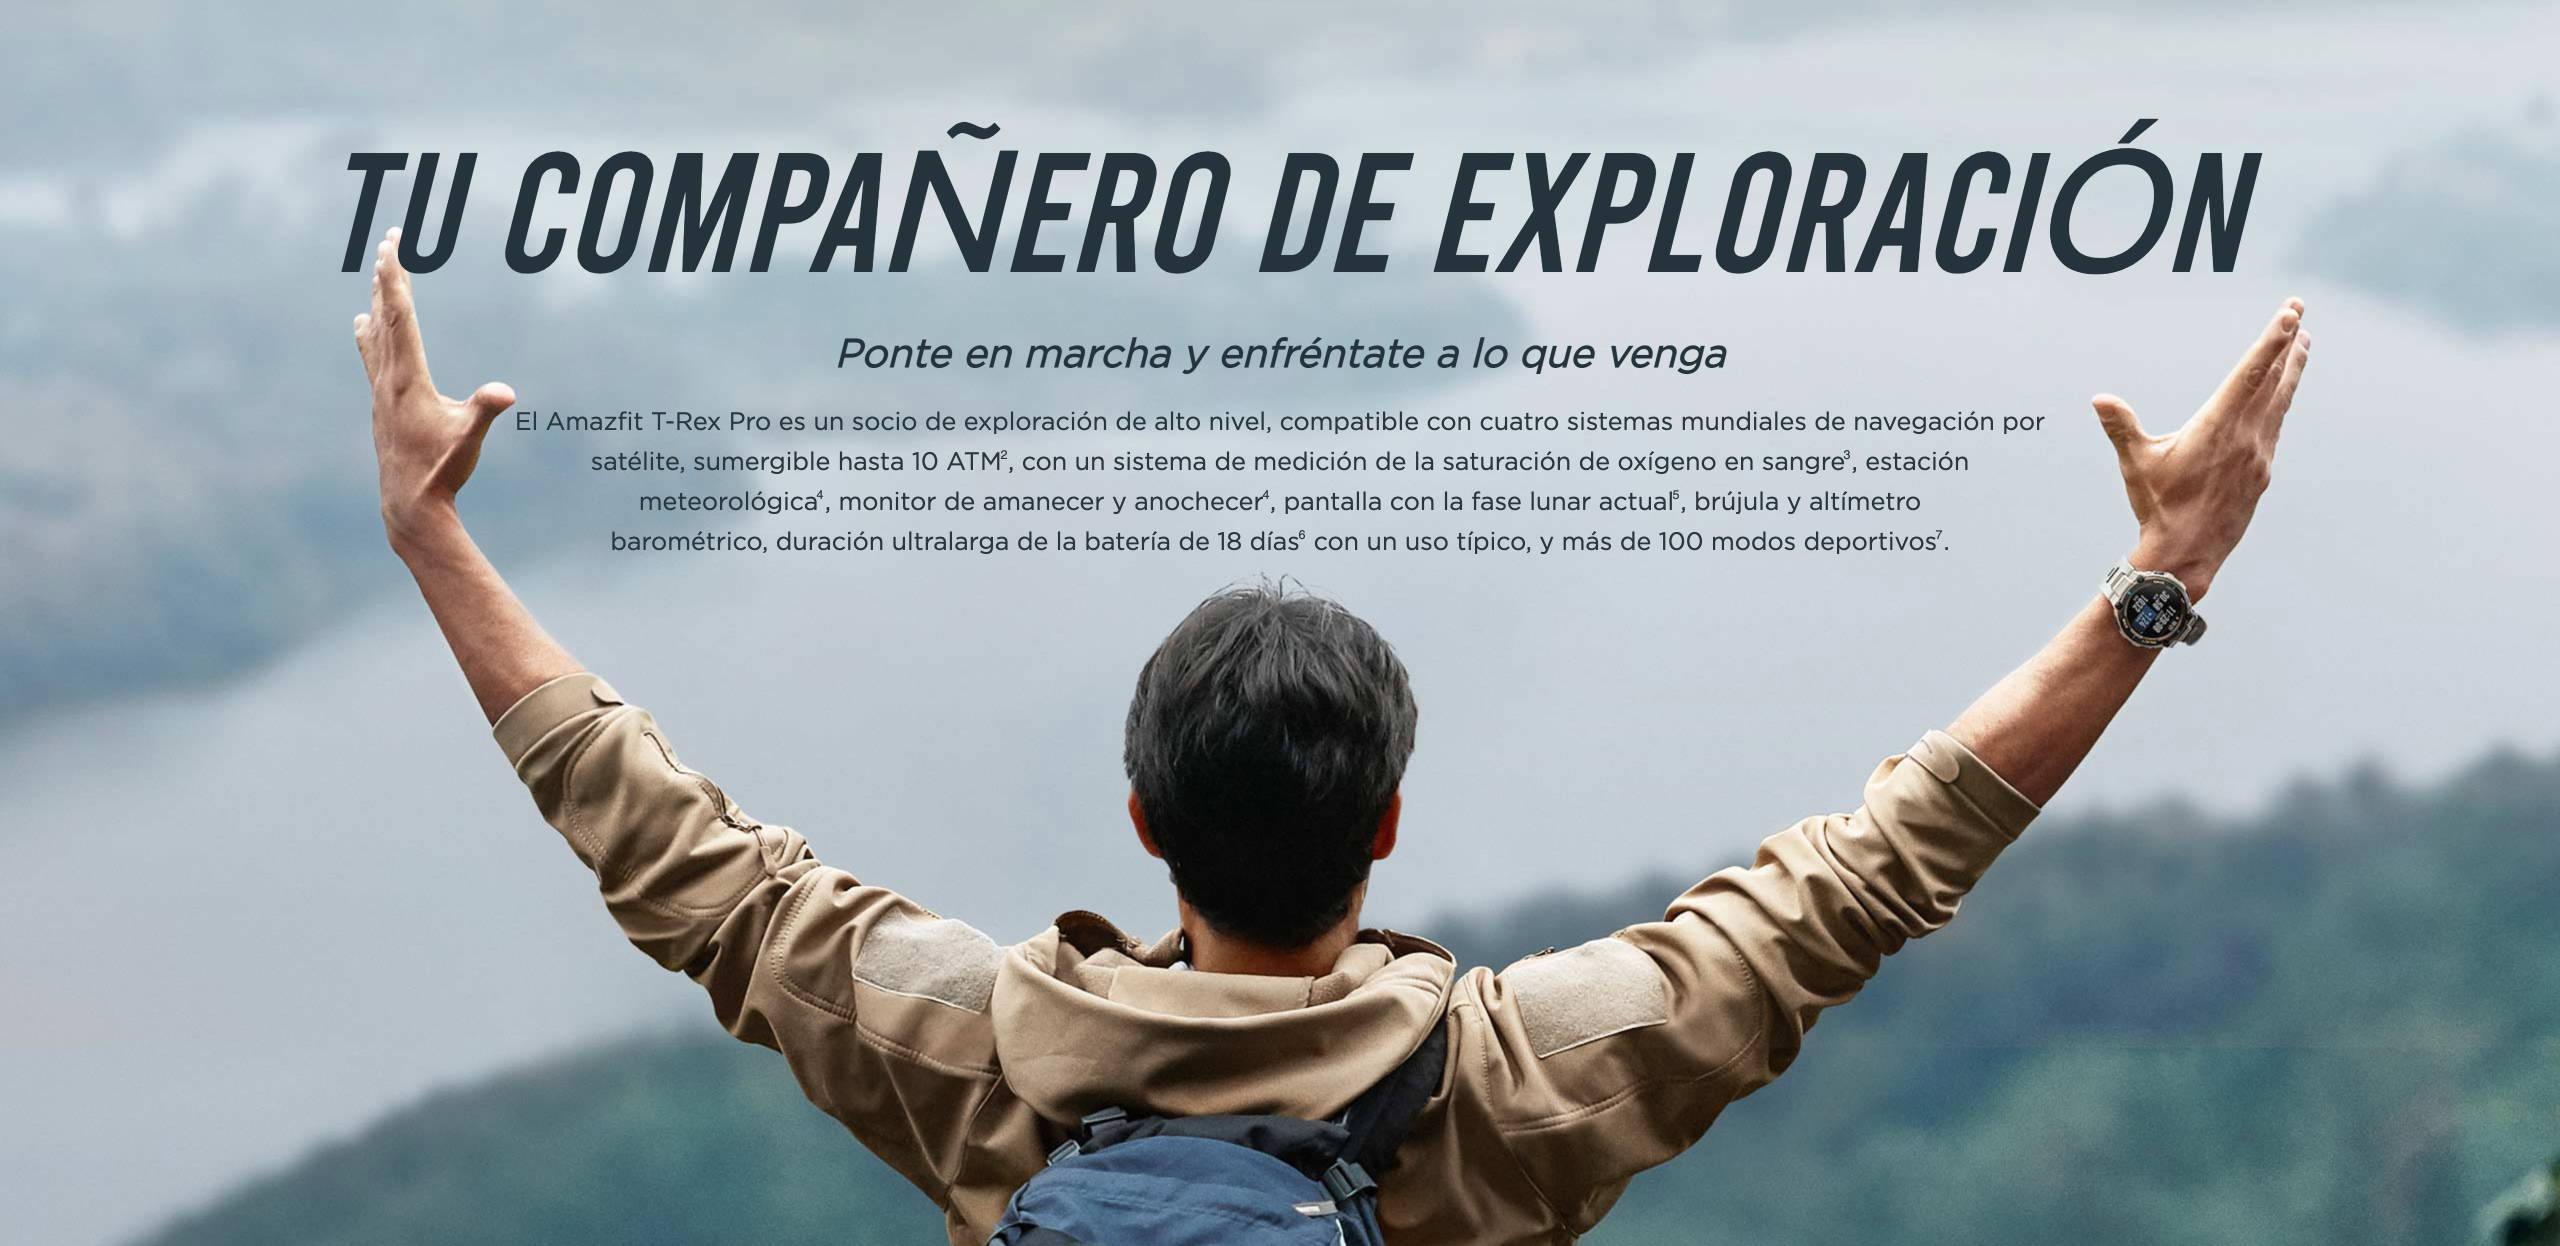 Amazfit T-Rex Pro - TU COMPAÑERO DE EXPLORACIÓN